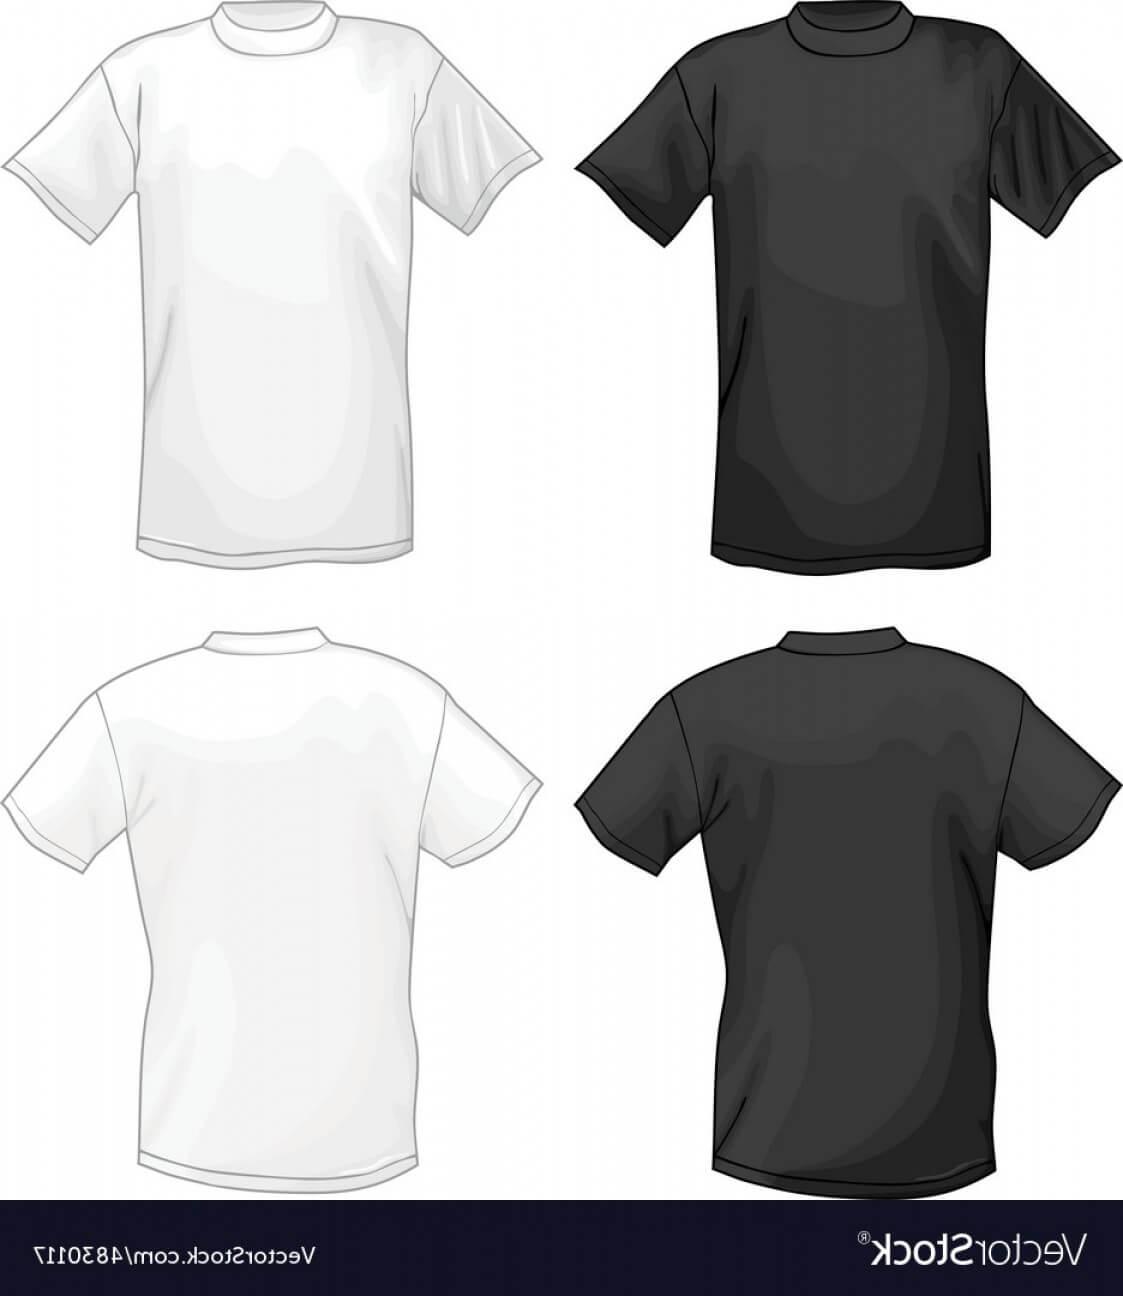 029 Template Ideas T Shirt Design Templates Unusual Software Inside Blank T Shirt Design Template Psd